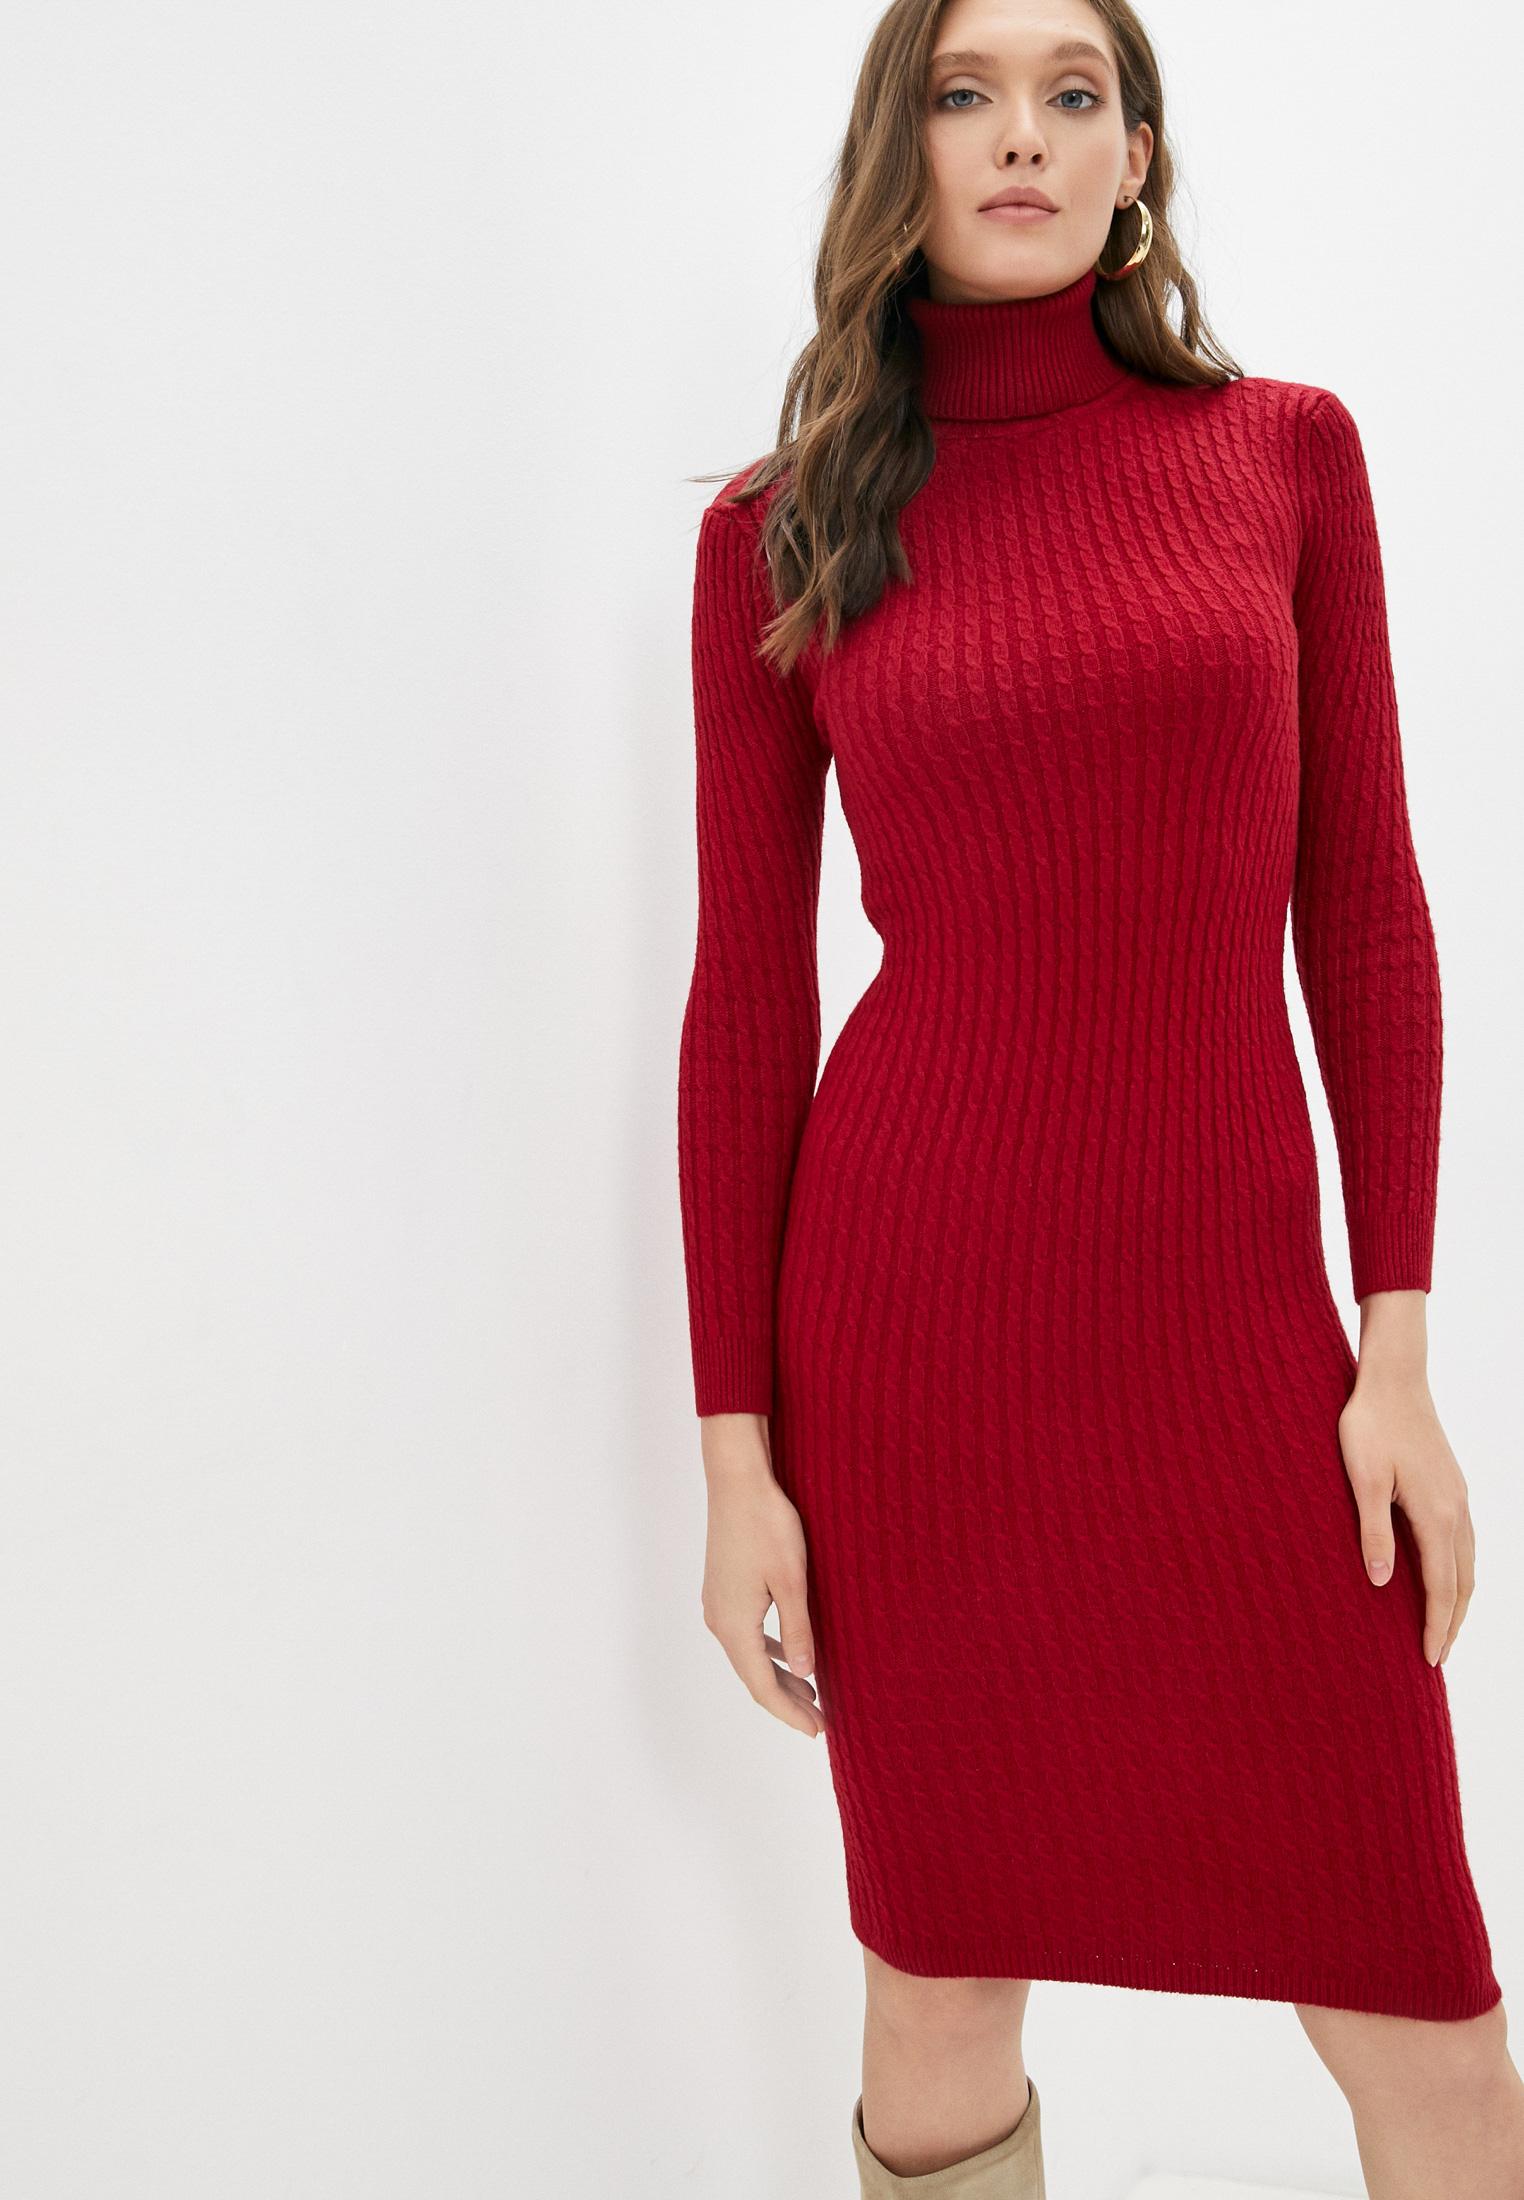 Вязаное платье Pink Orange POFW22-0331-5